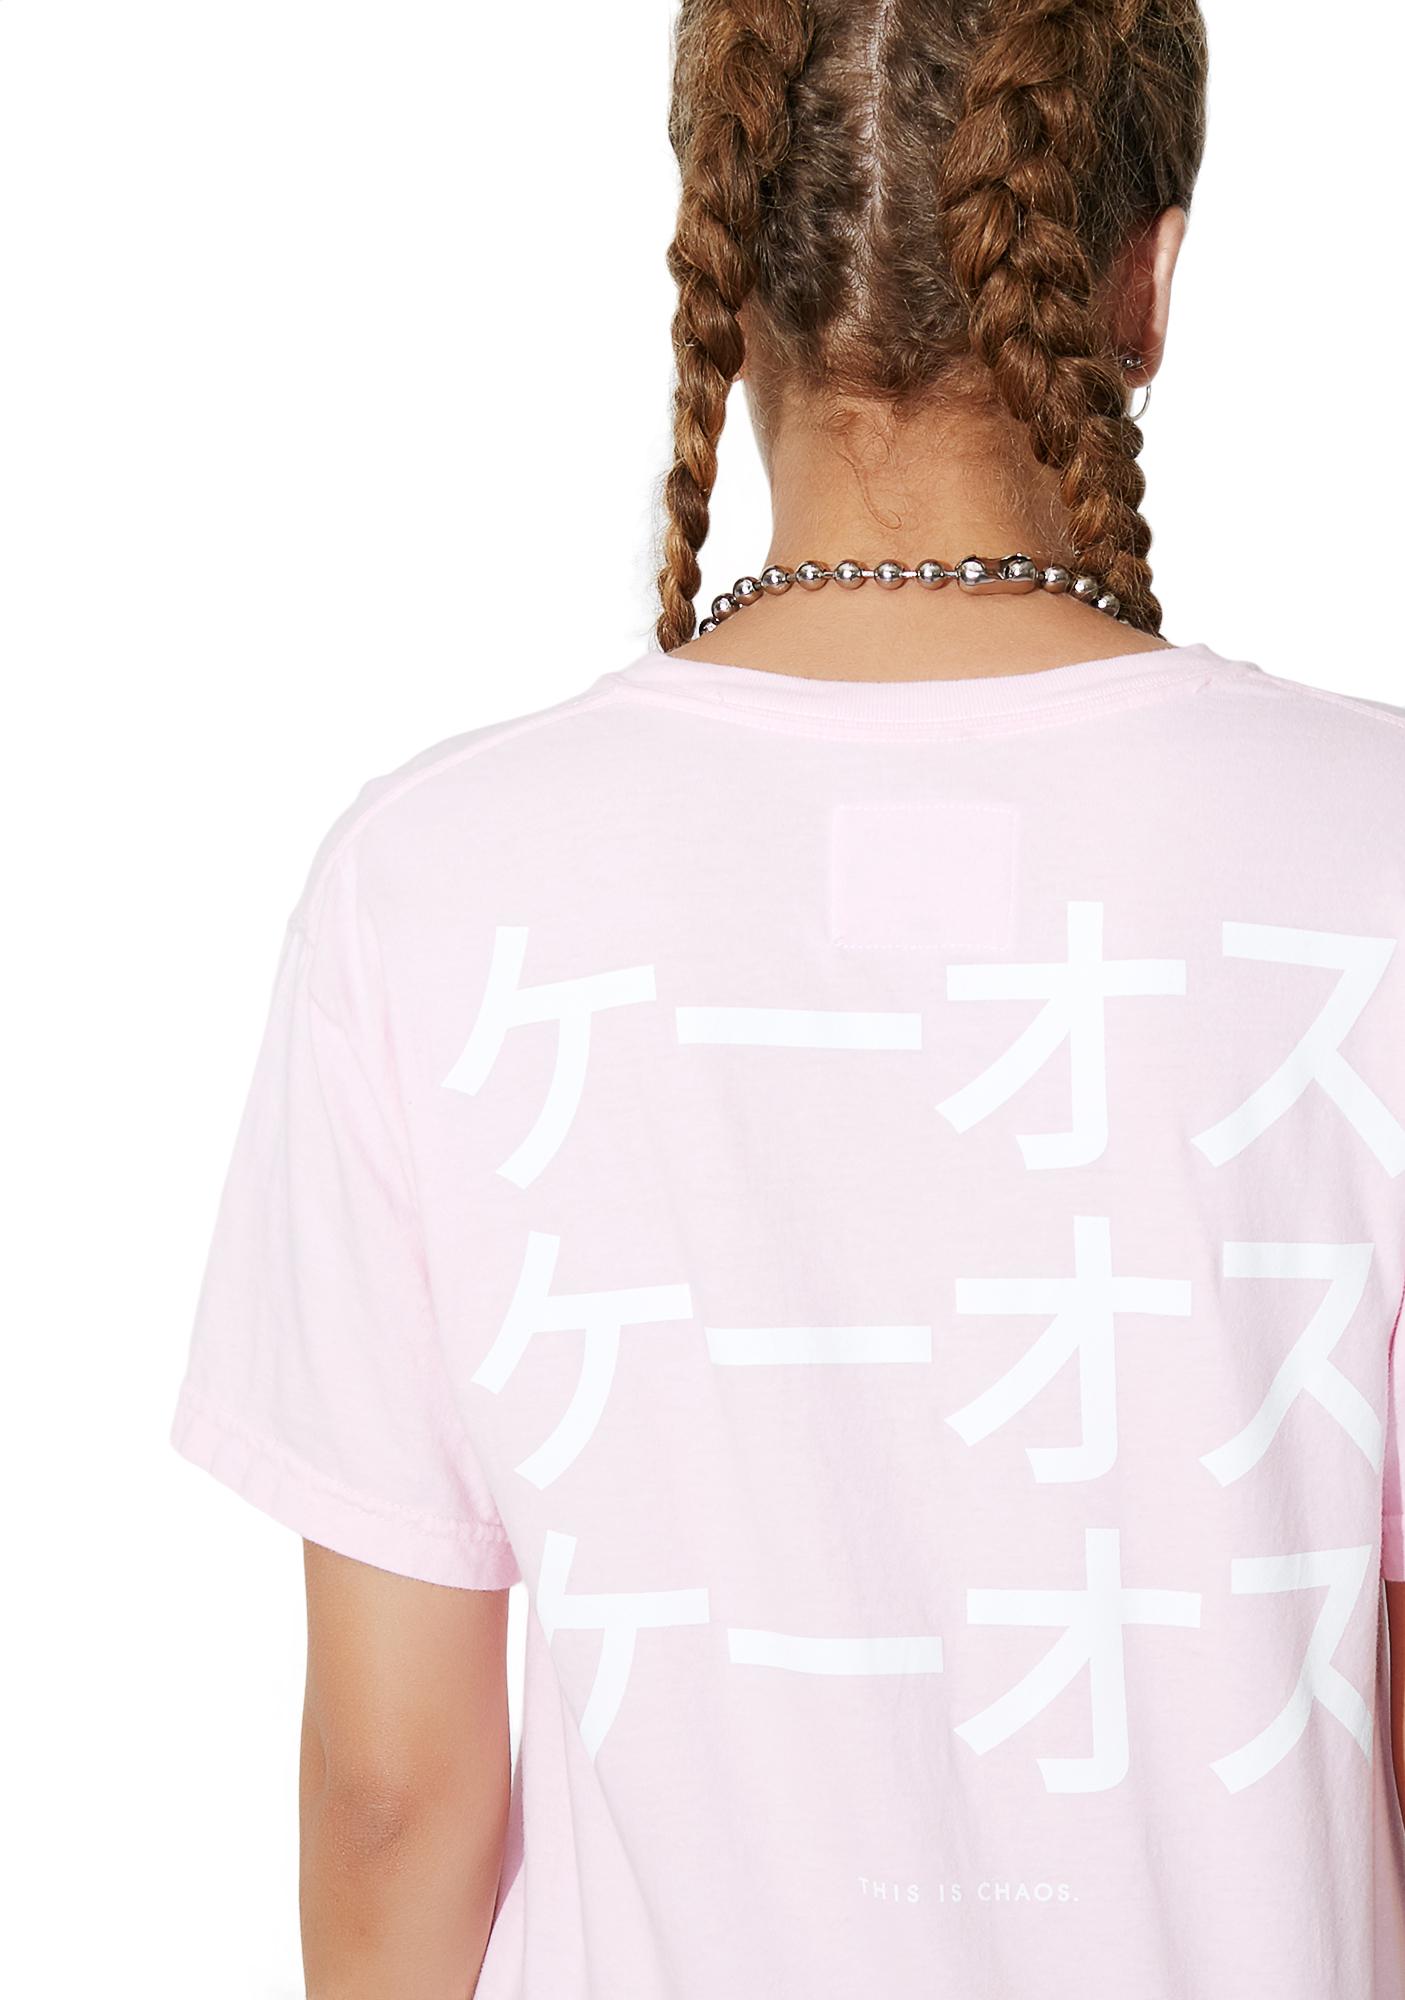 Perspectives Global Katakana Tee